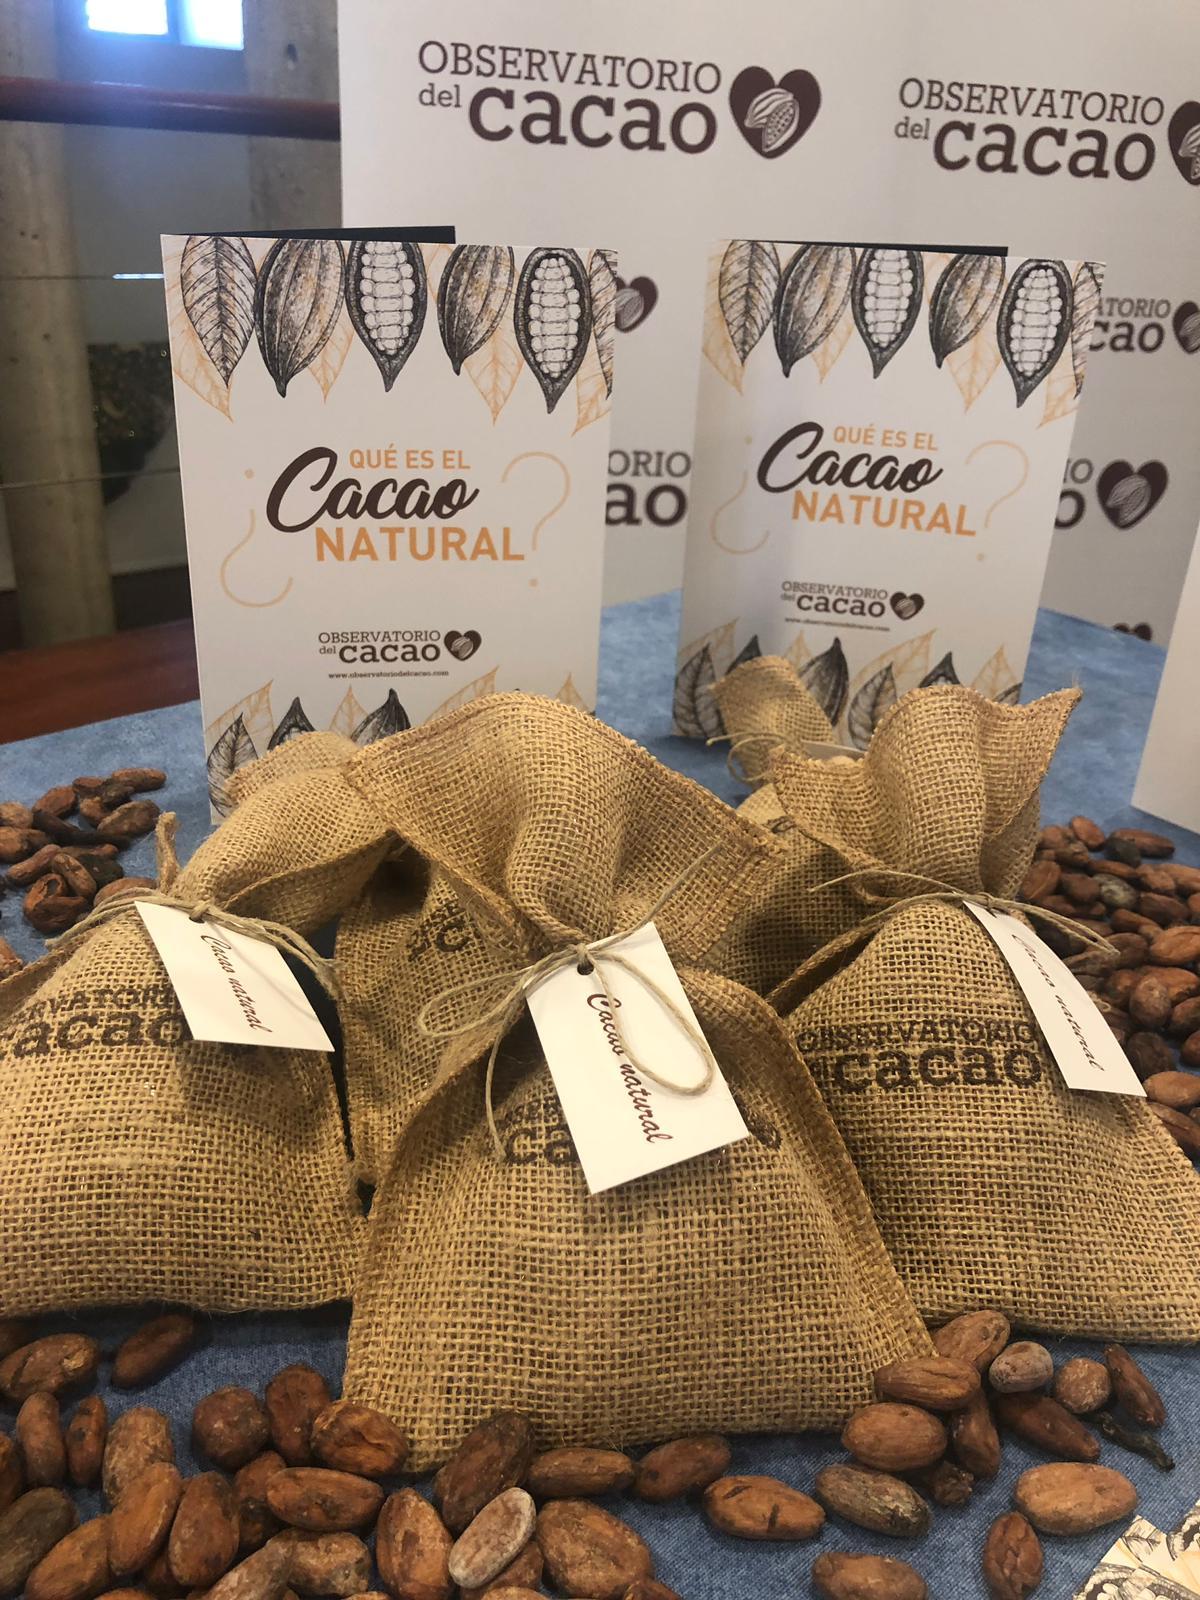 Añadir cacao natural a la alimentación diaria puede ayudar a reducir la incidencia de enfermedades crónicas